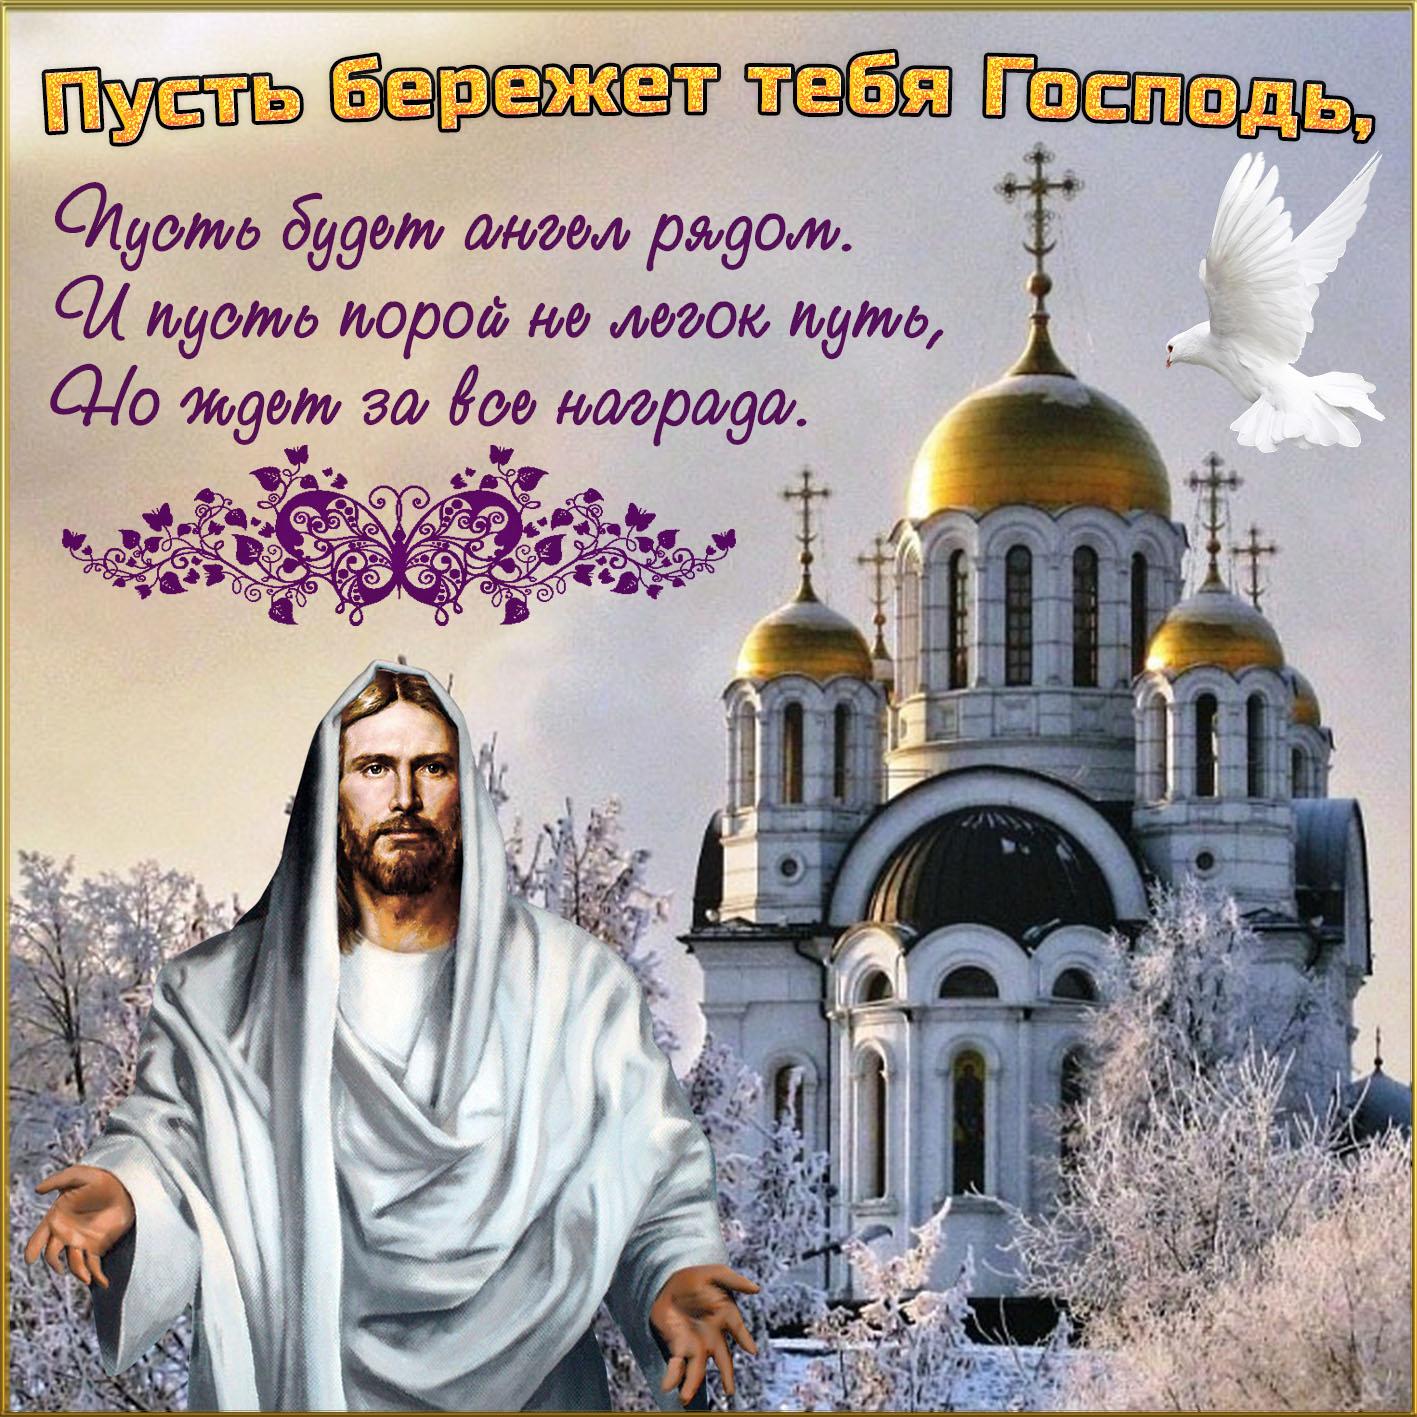 Картинки именем, открытка пусть бог хранит